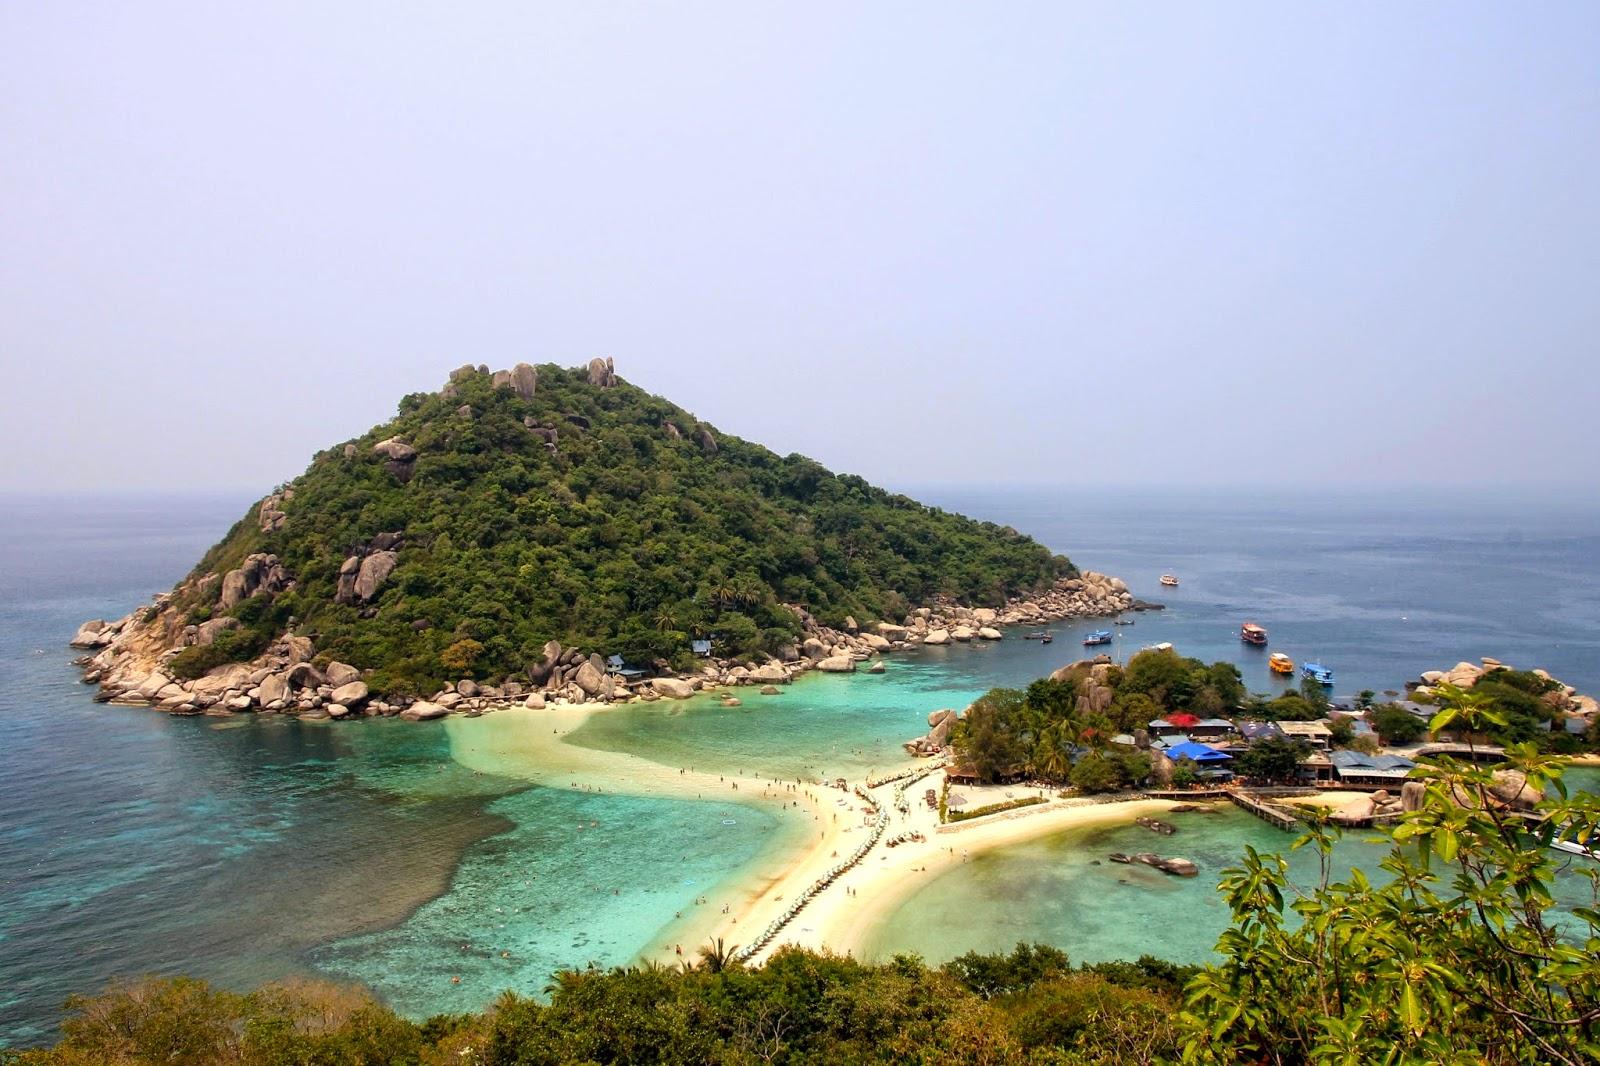 Nossas favoritas dentre as 15 praias visitadas na Tailândia